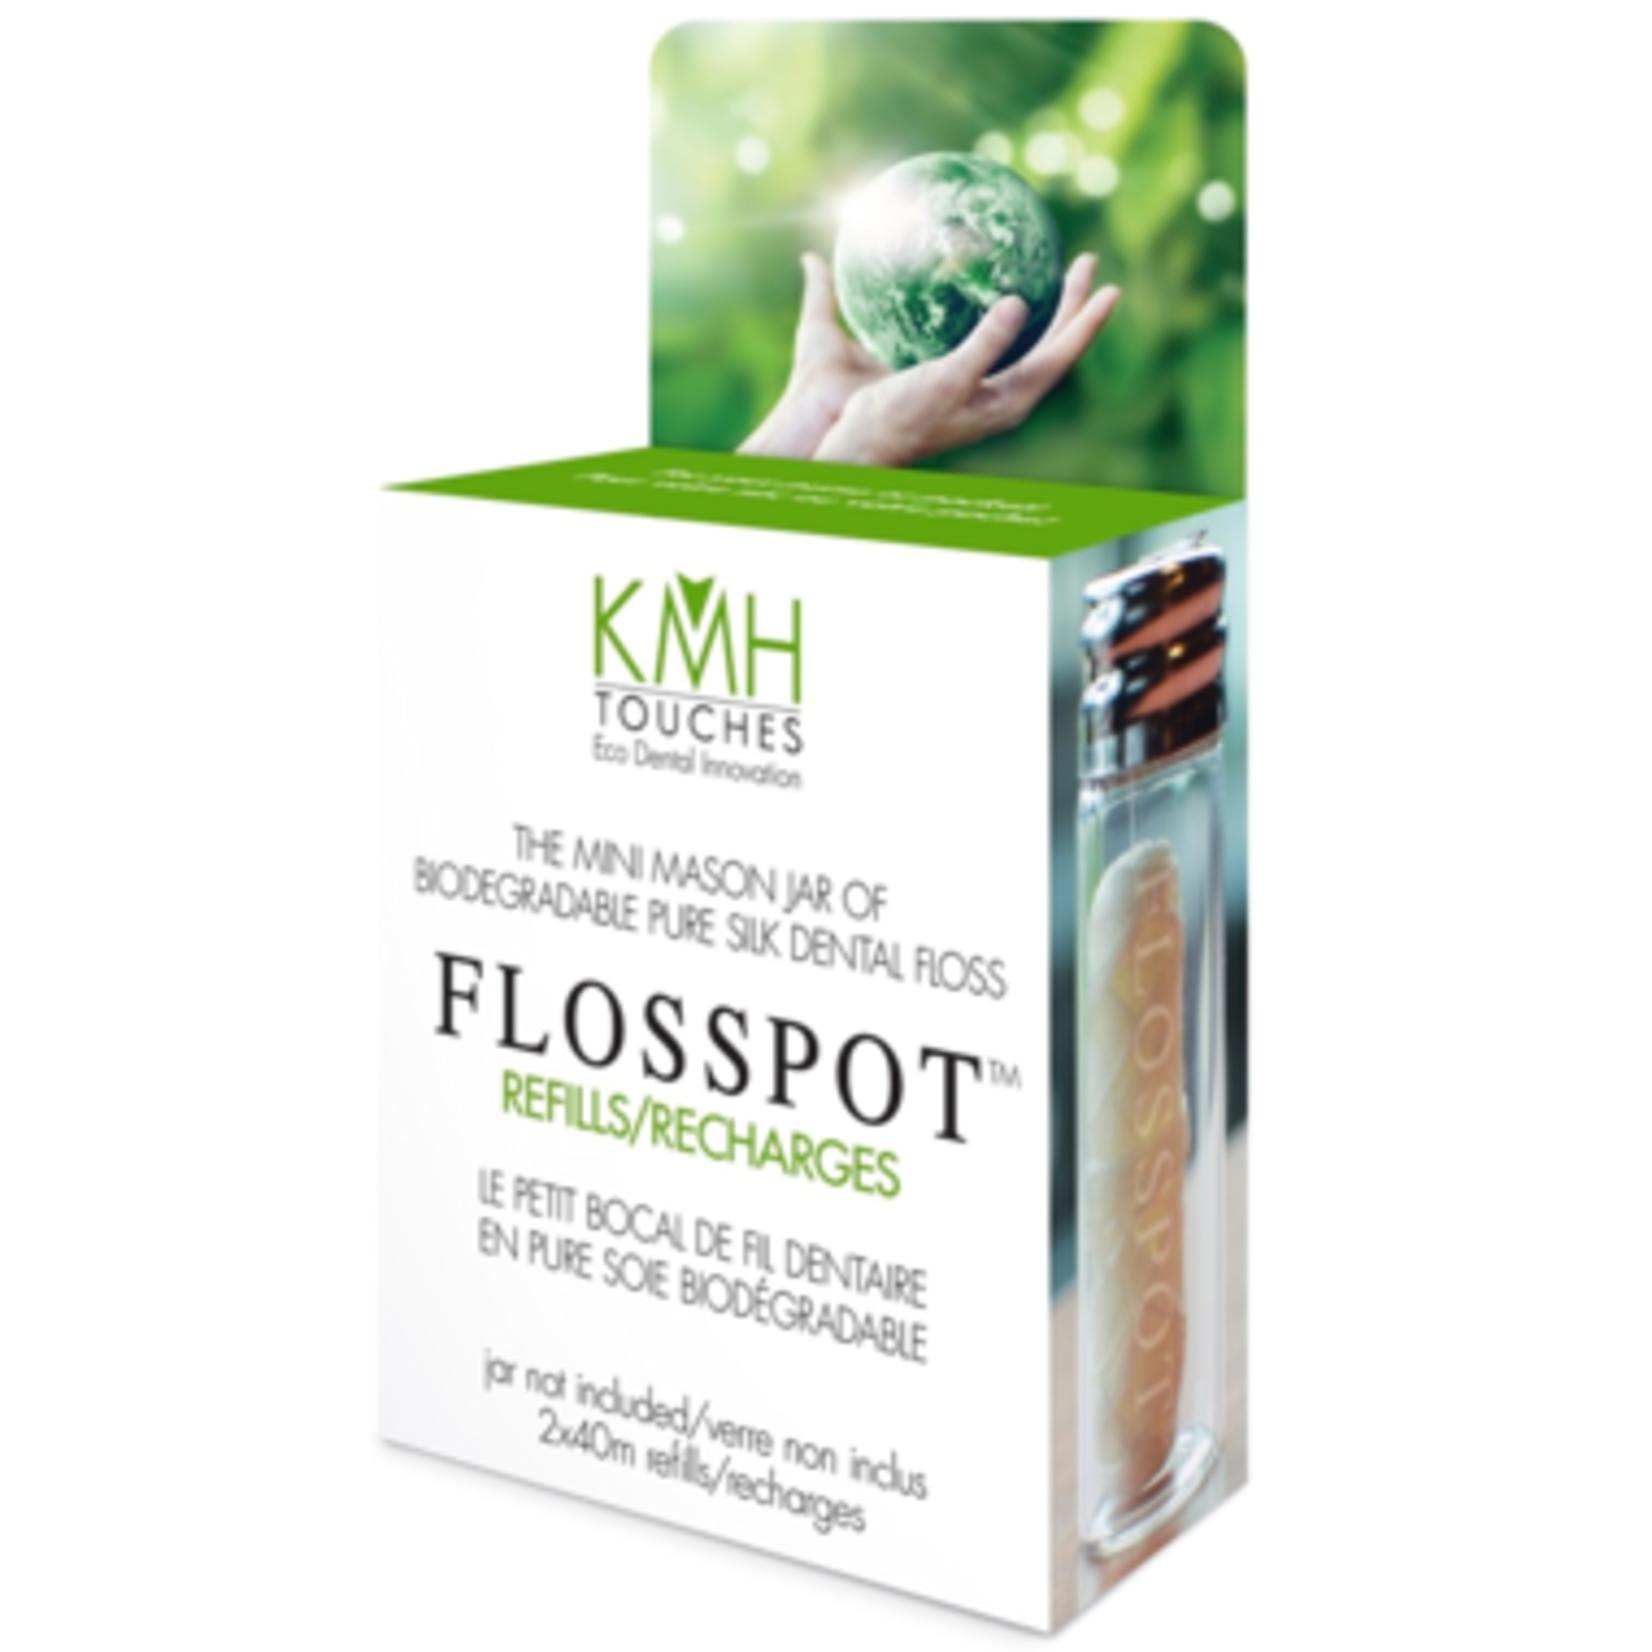 KMH TOUCHES FLOSSPOT REFILL